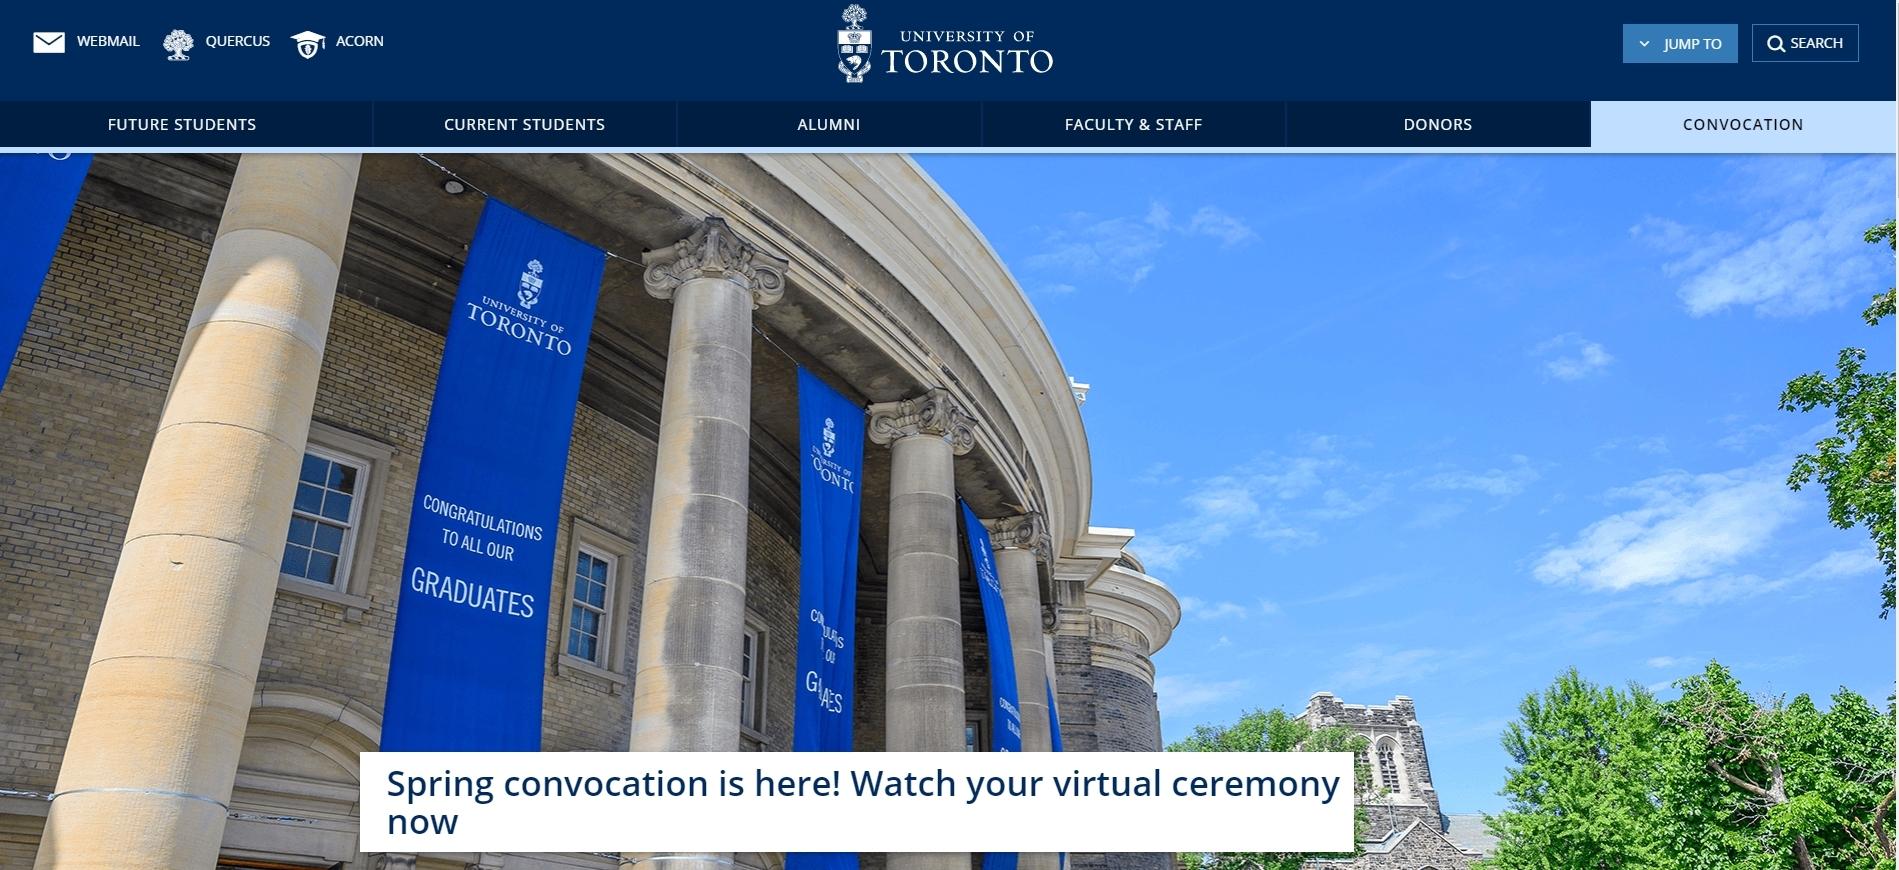 University of Toronto -Computer Science Universities In Canada